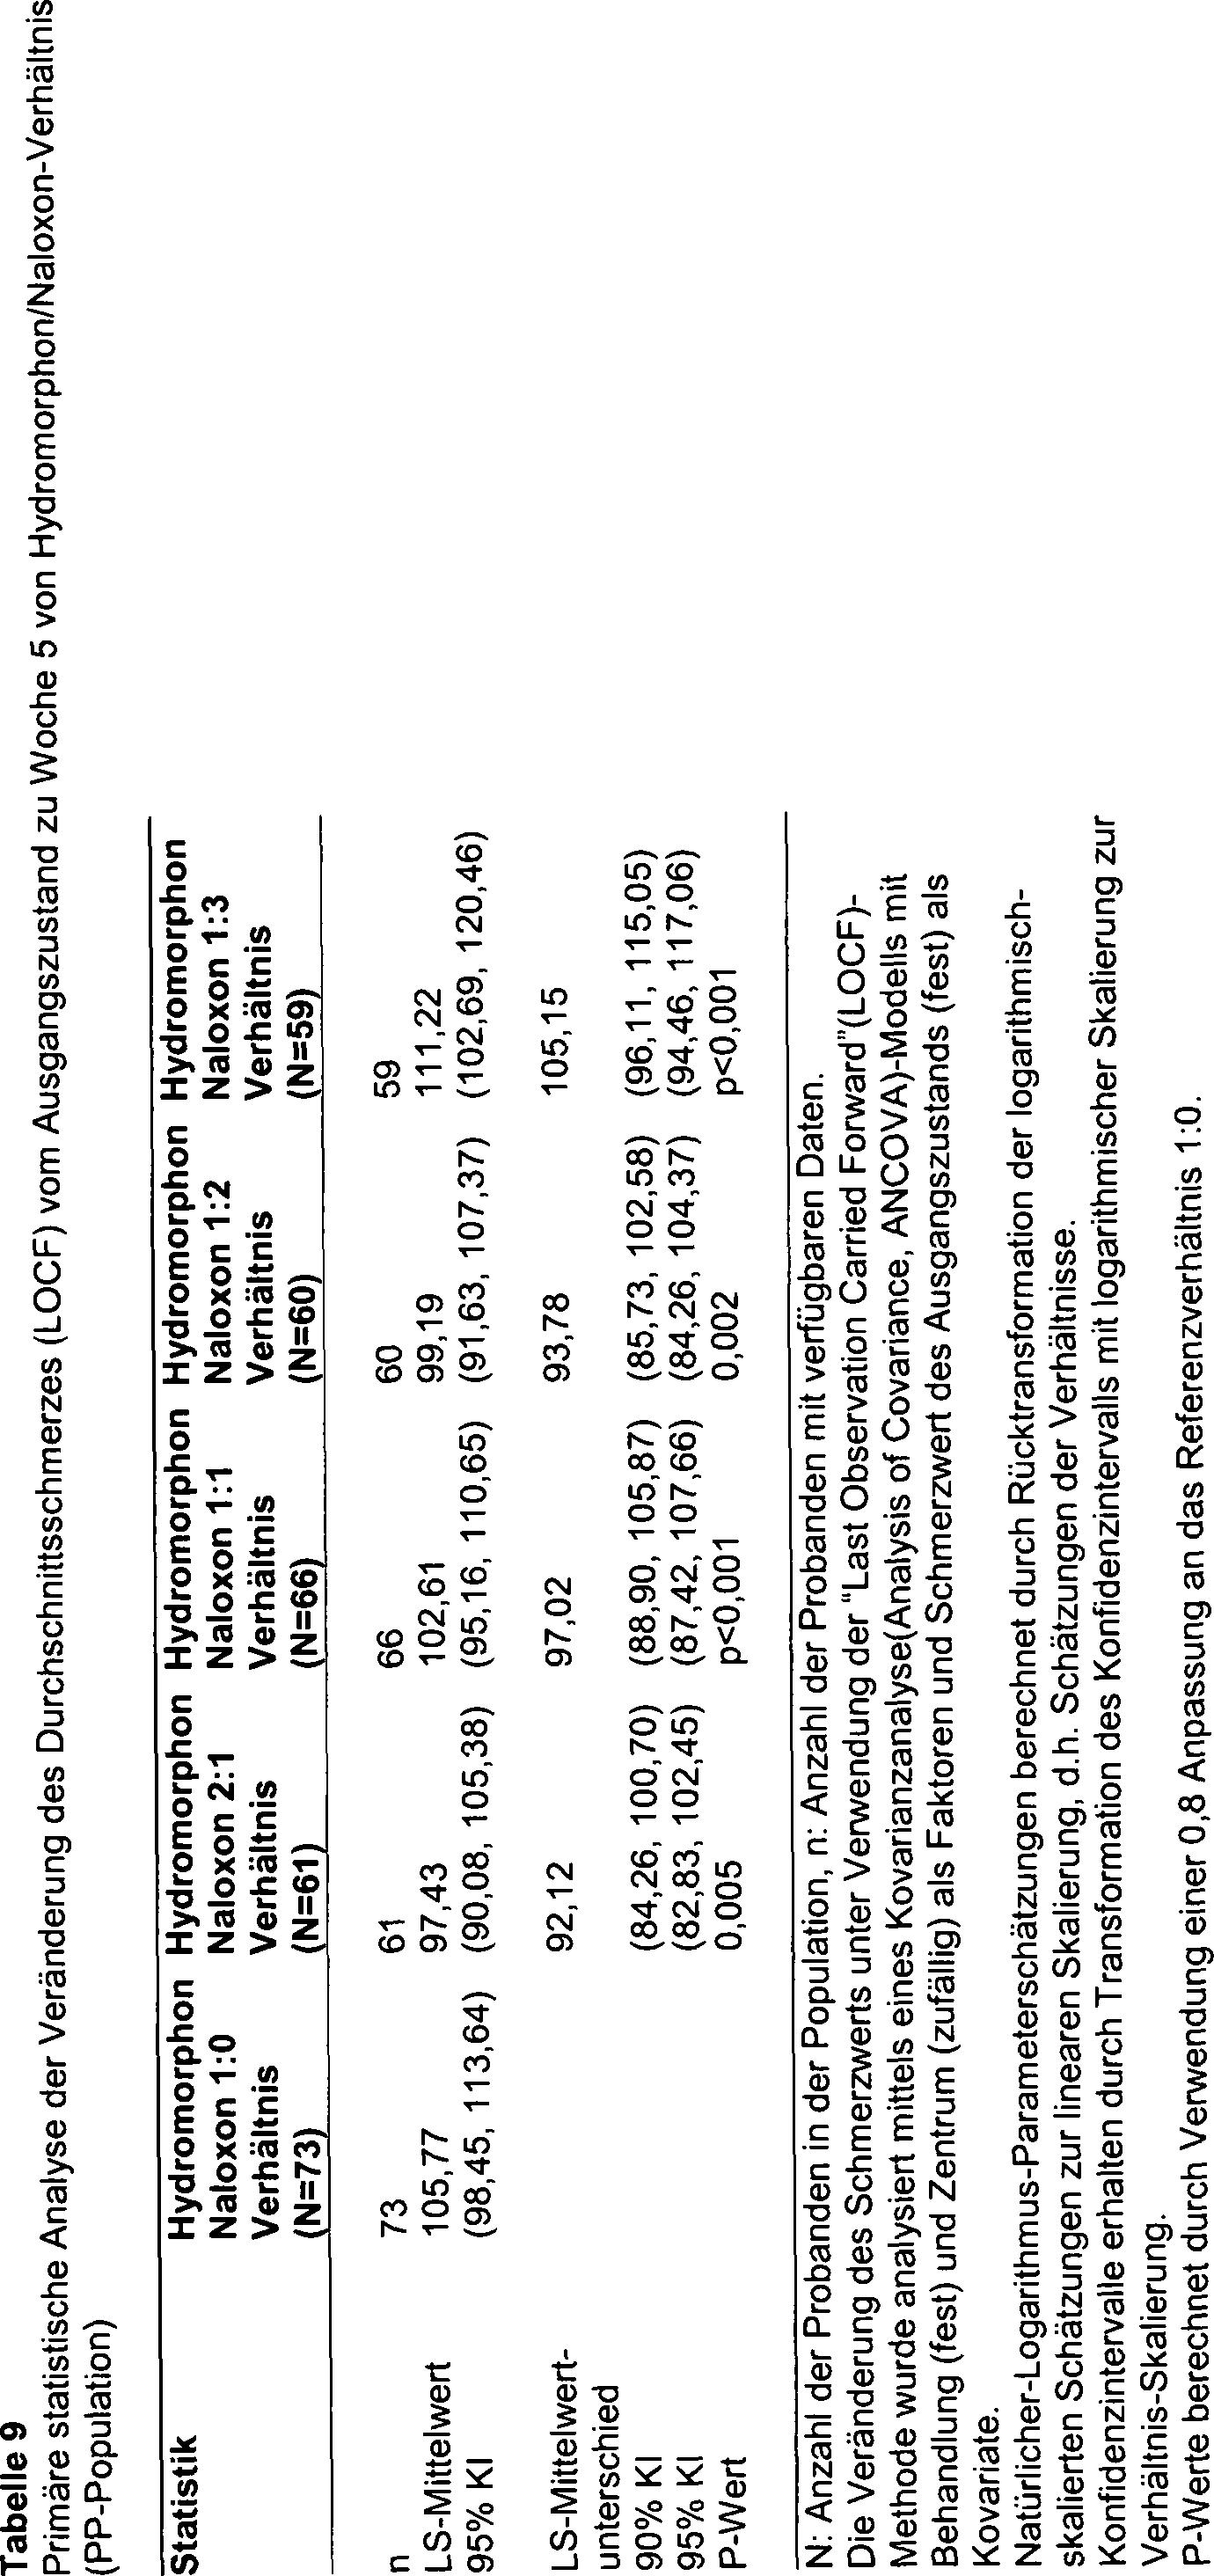 Figure DE112014005175T5_0003